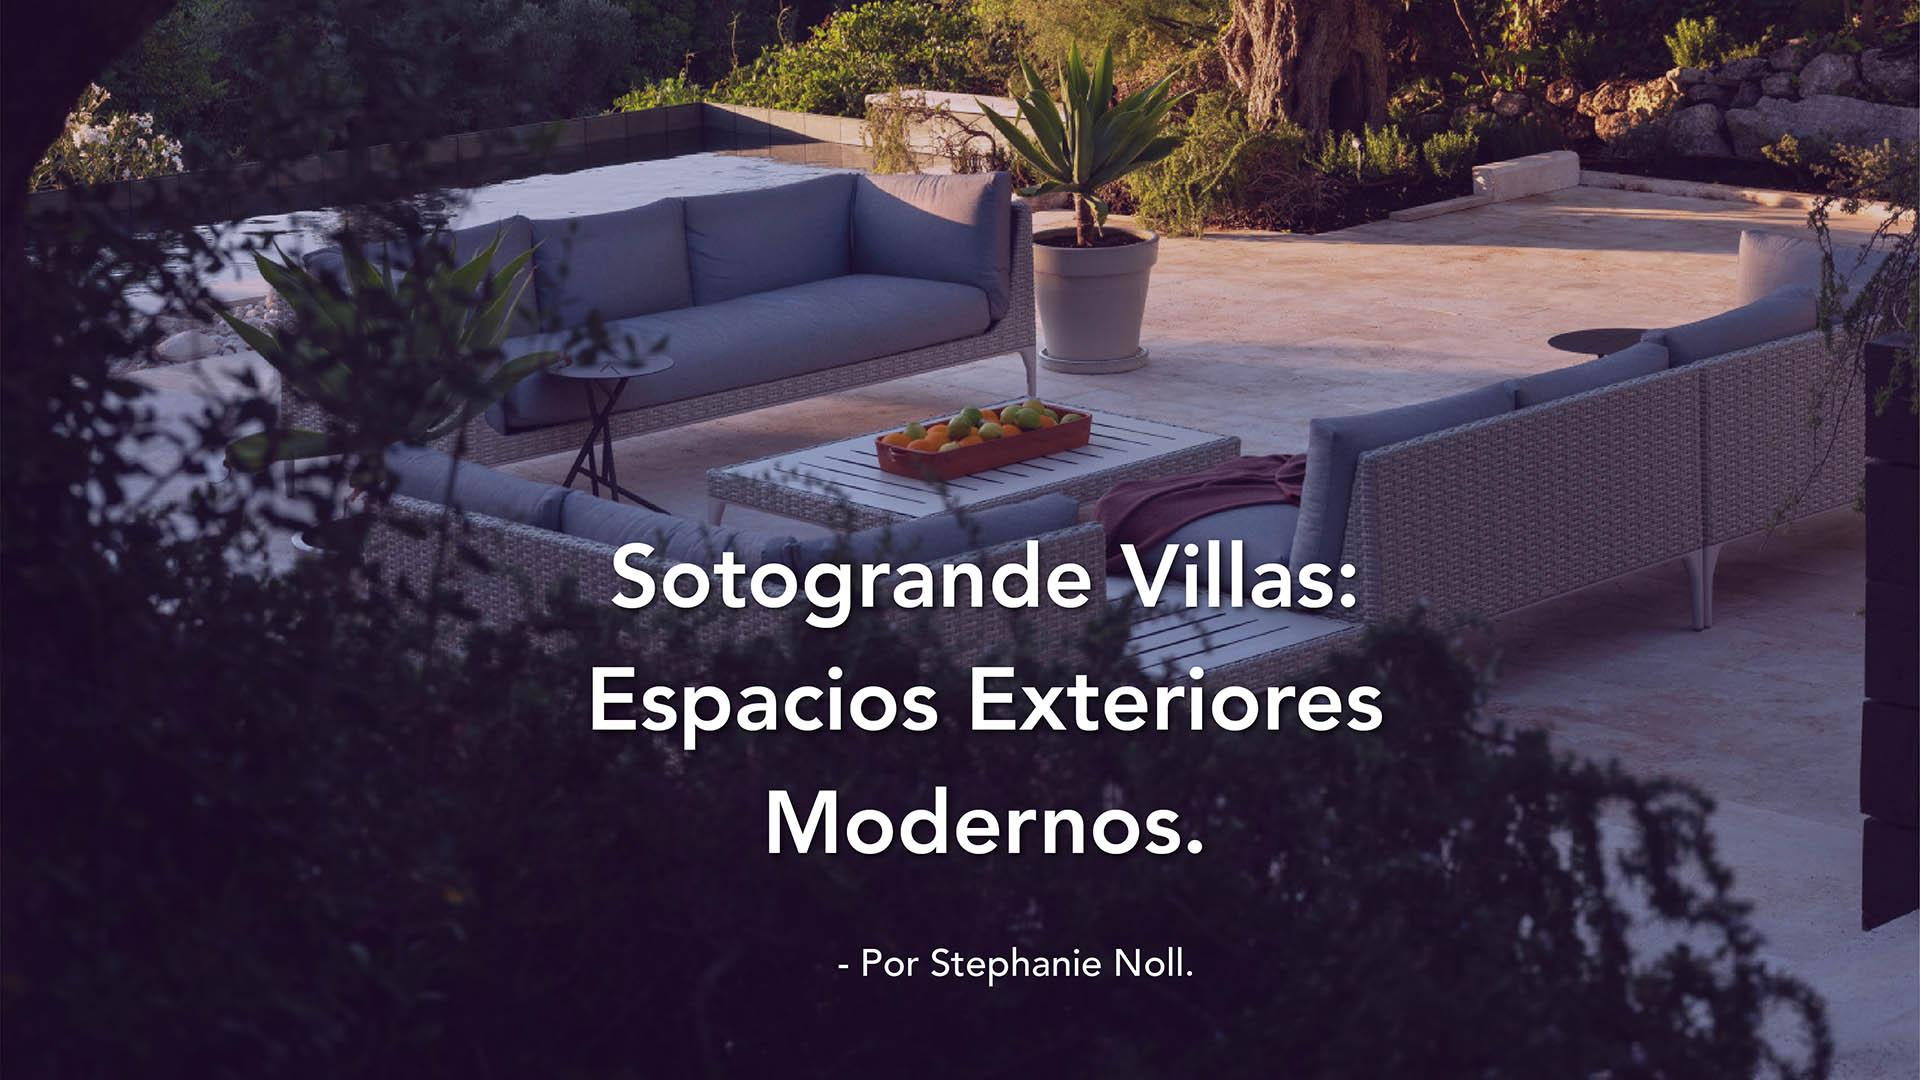 Sotogrande Villas: Espacios Exteriores  Modernos.